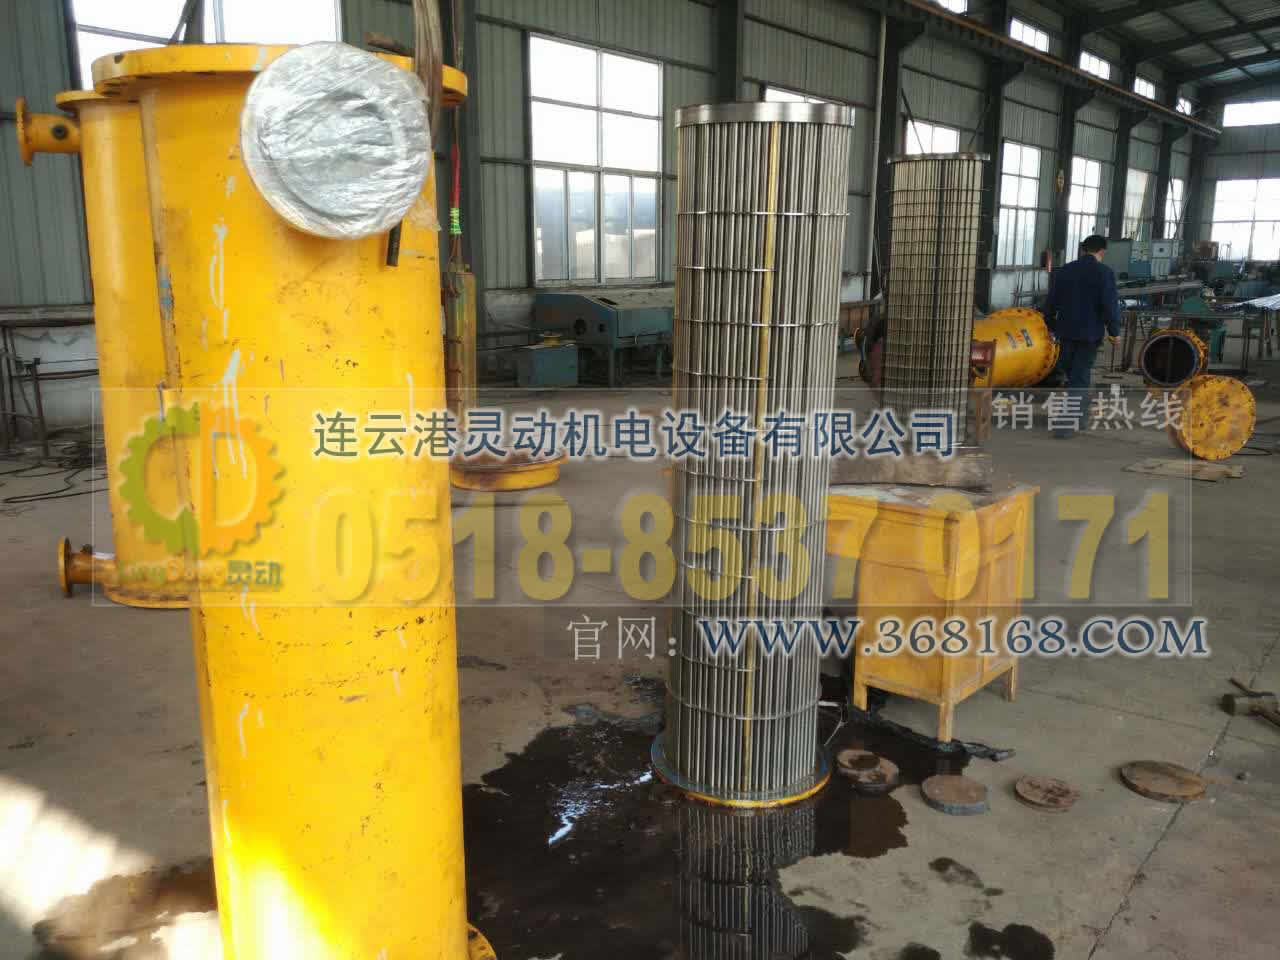 油水冷却器及列管式冷水器换管换不锈钢管厂家